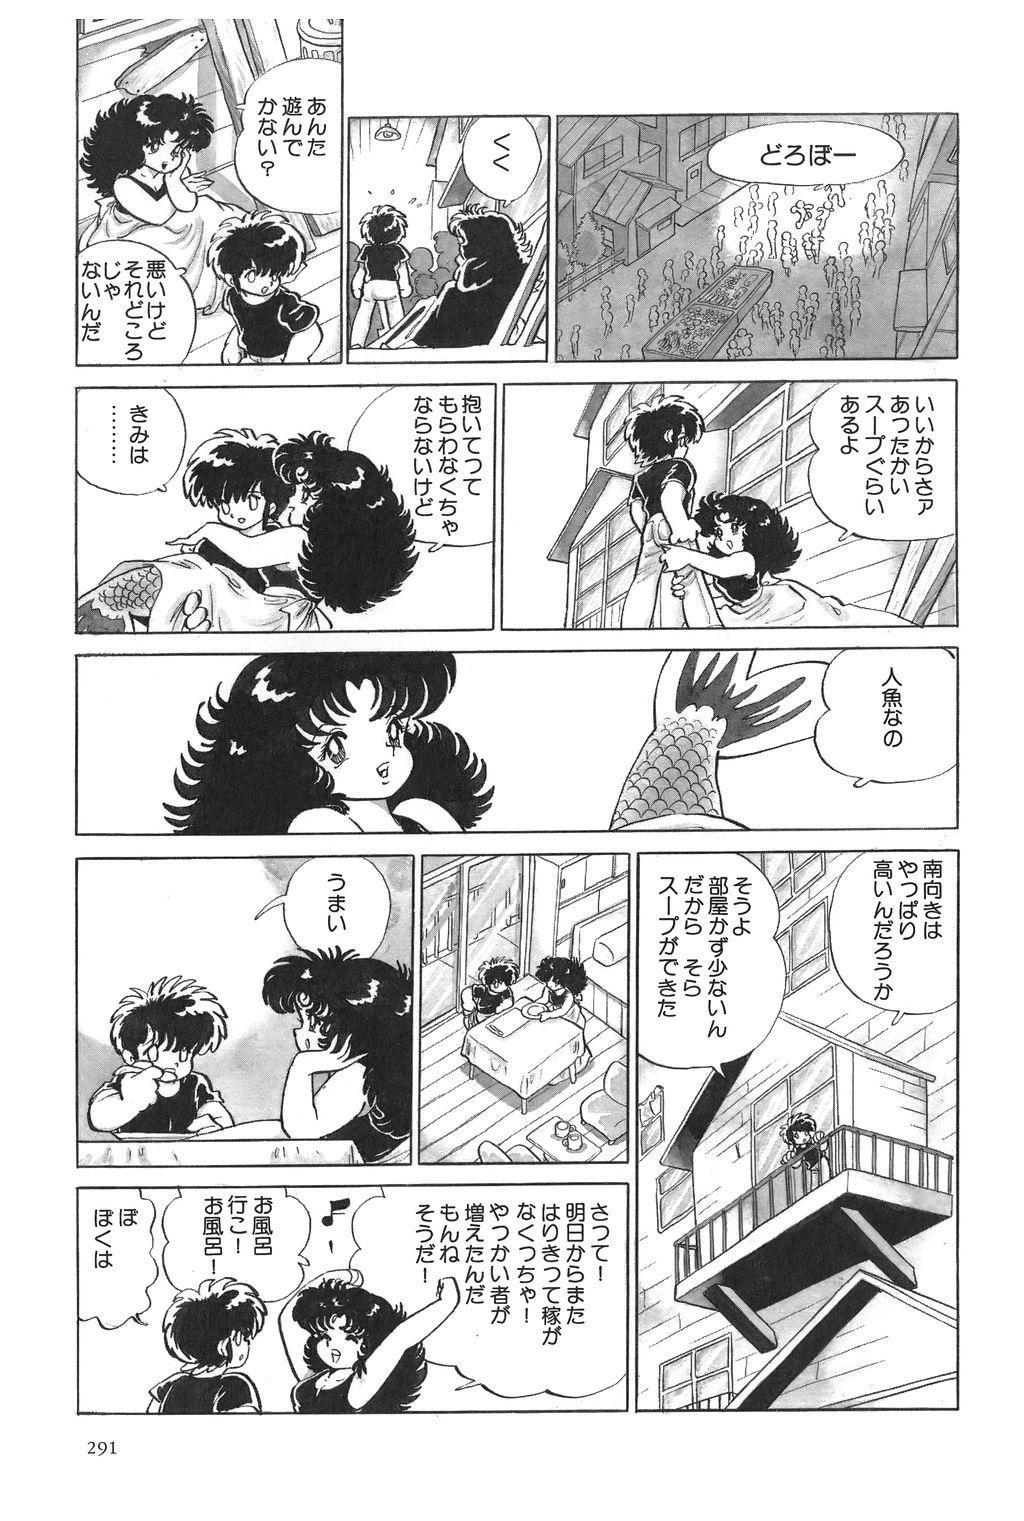 Azuma Hideo Sakuhin Shuusei - Yoru no Tobari no Naka de 292